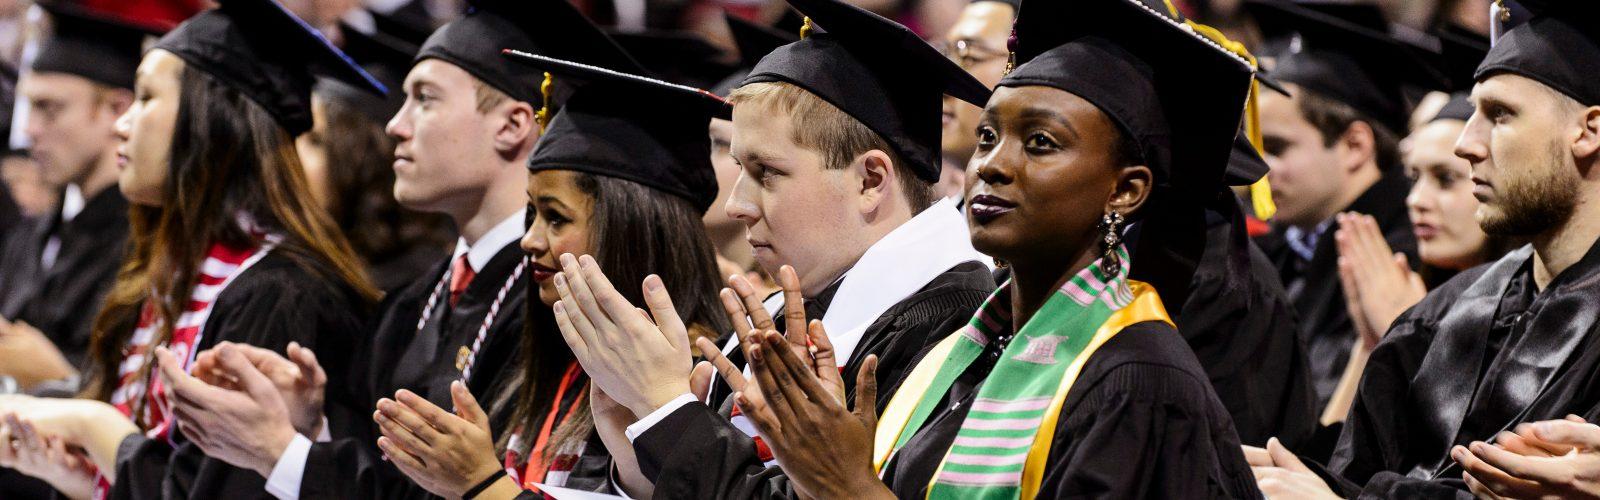 diverse graduates clap at commencement